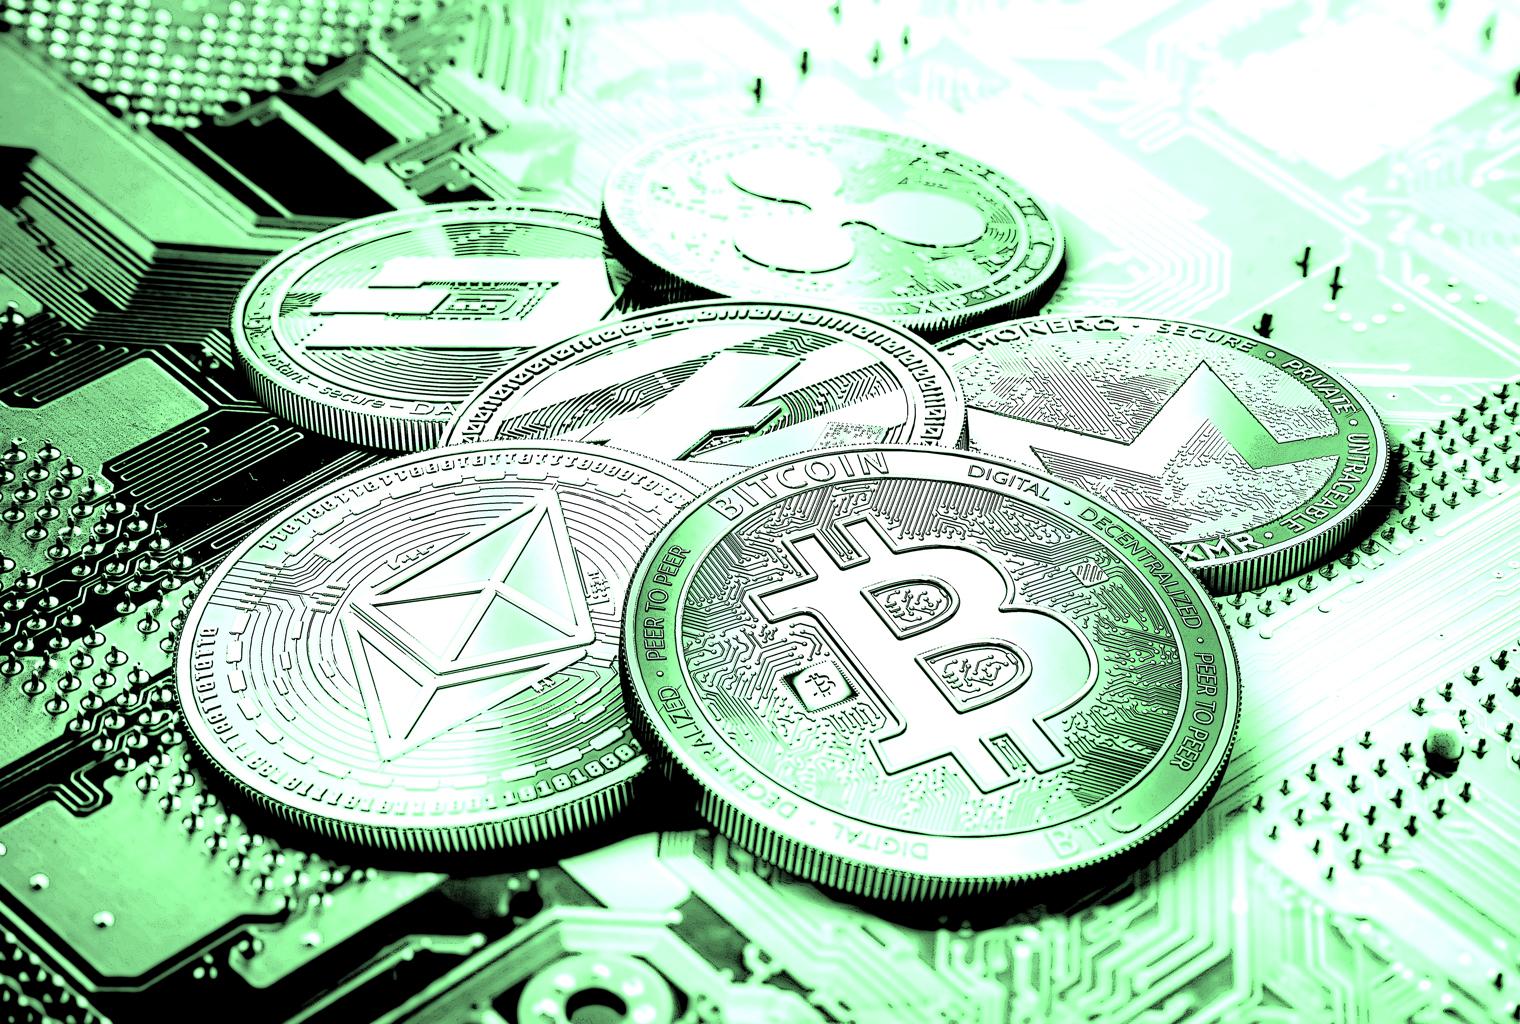 قائمة بأكبر العملات الرقمية المشفرة فوزا وخسارة في سنة 2019